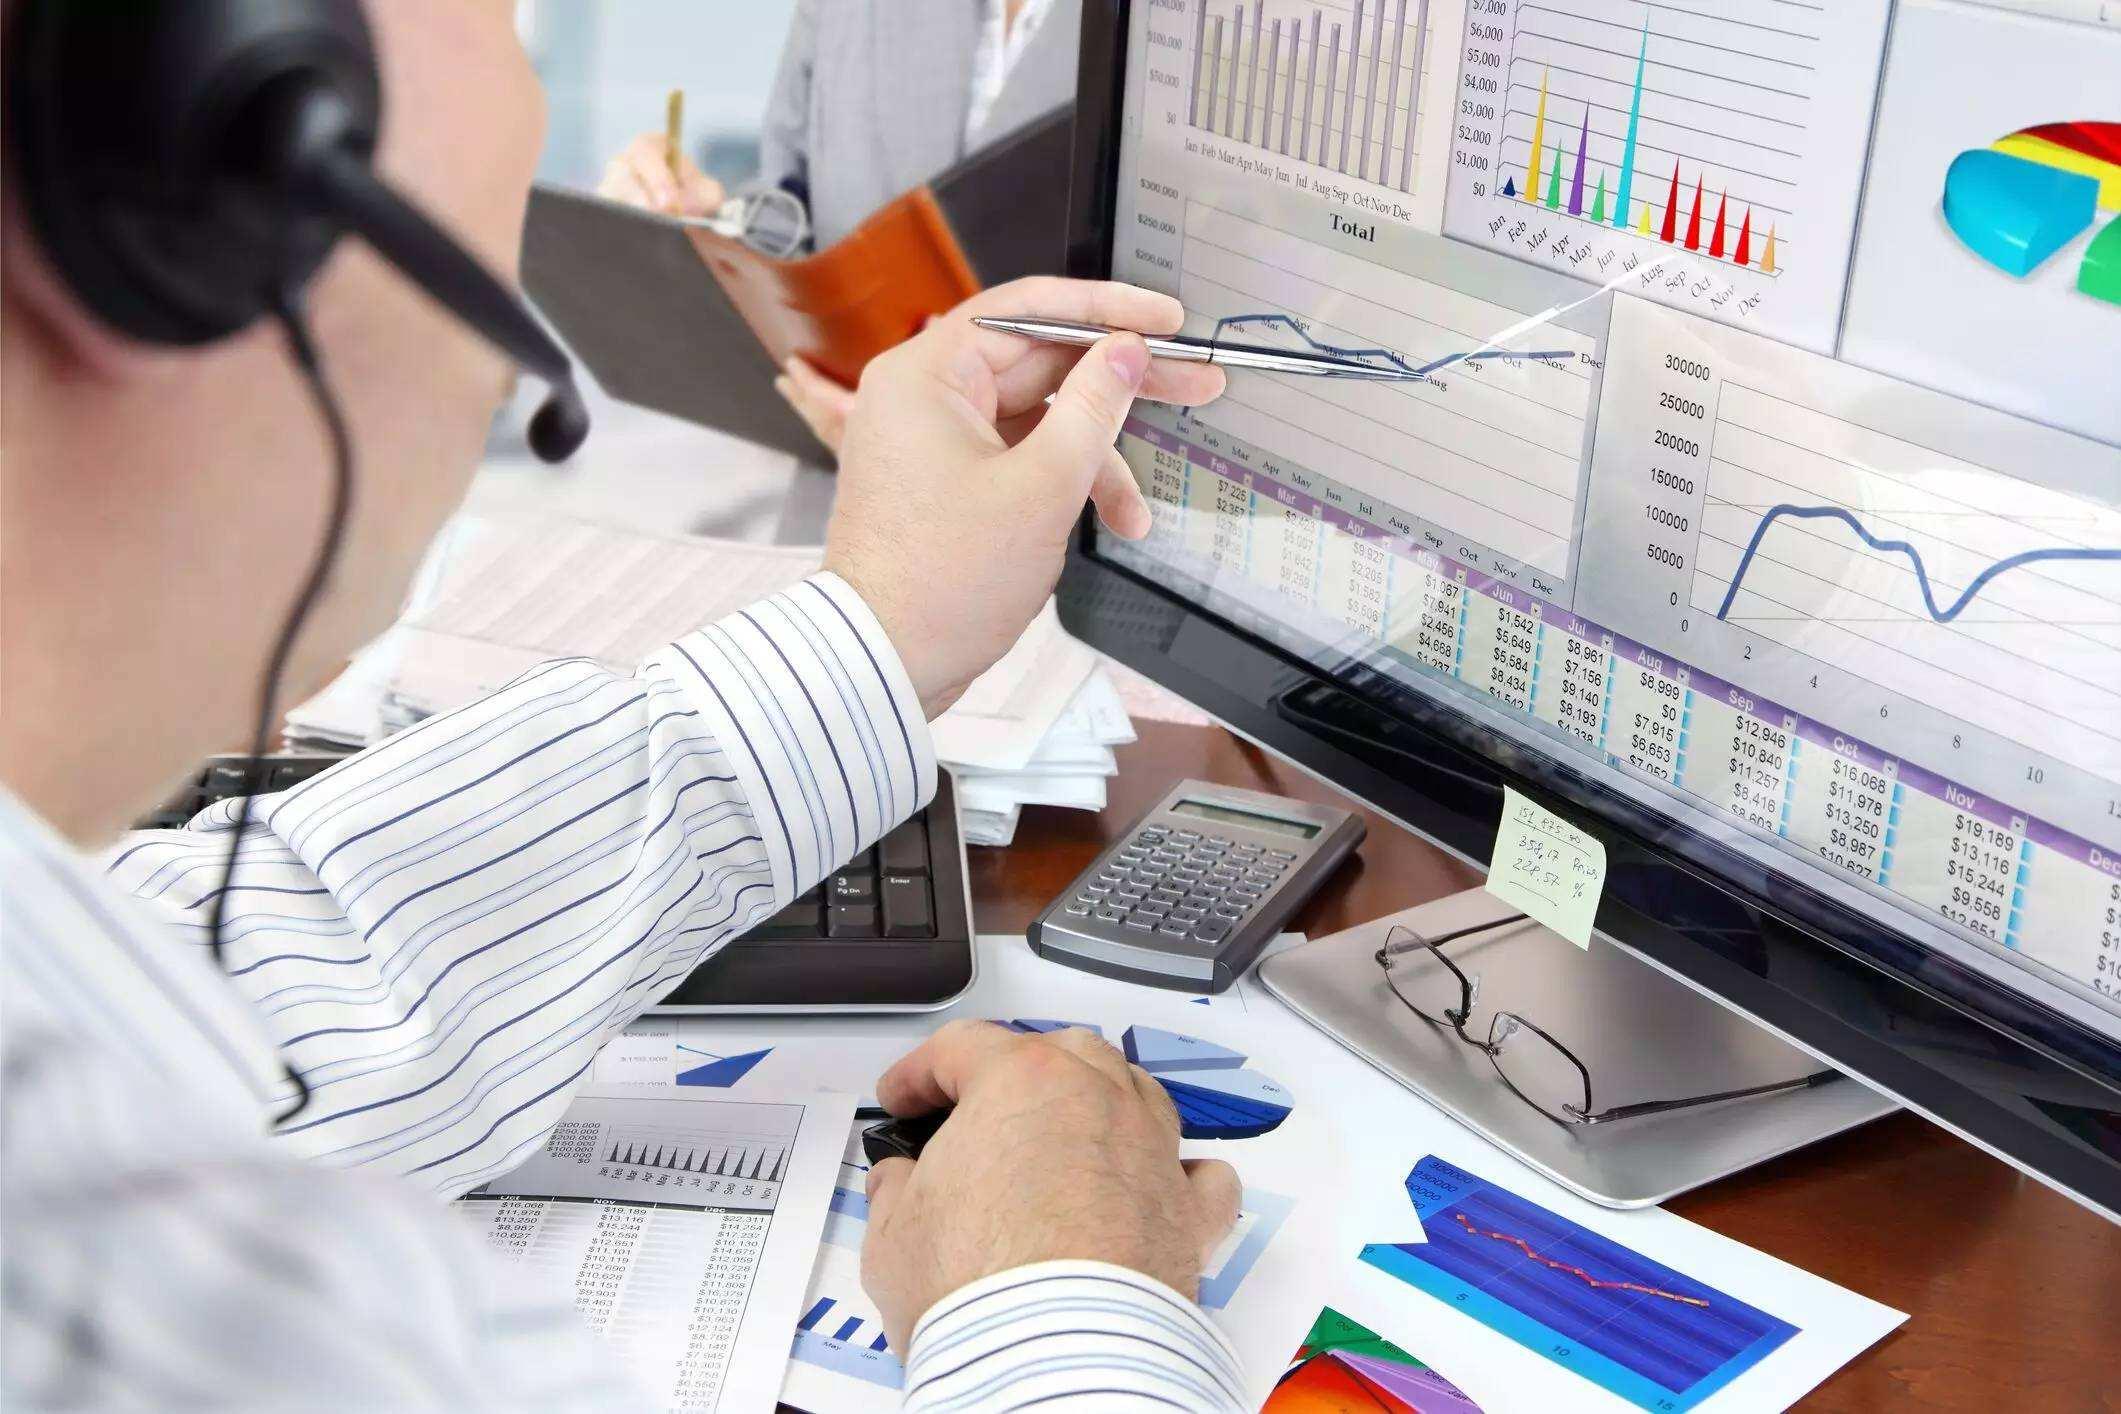 外汇交易平台_如何判别优质外汇交易商|福汇FXCM官网